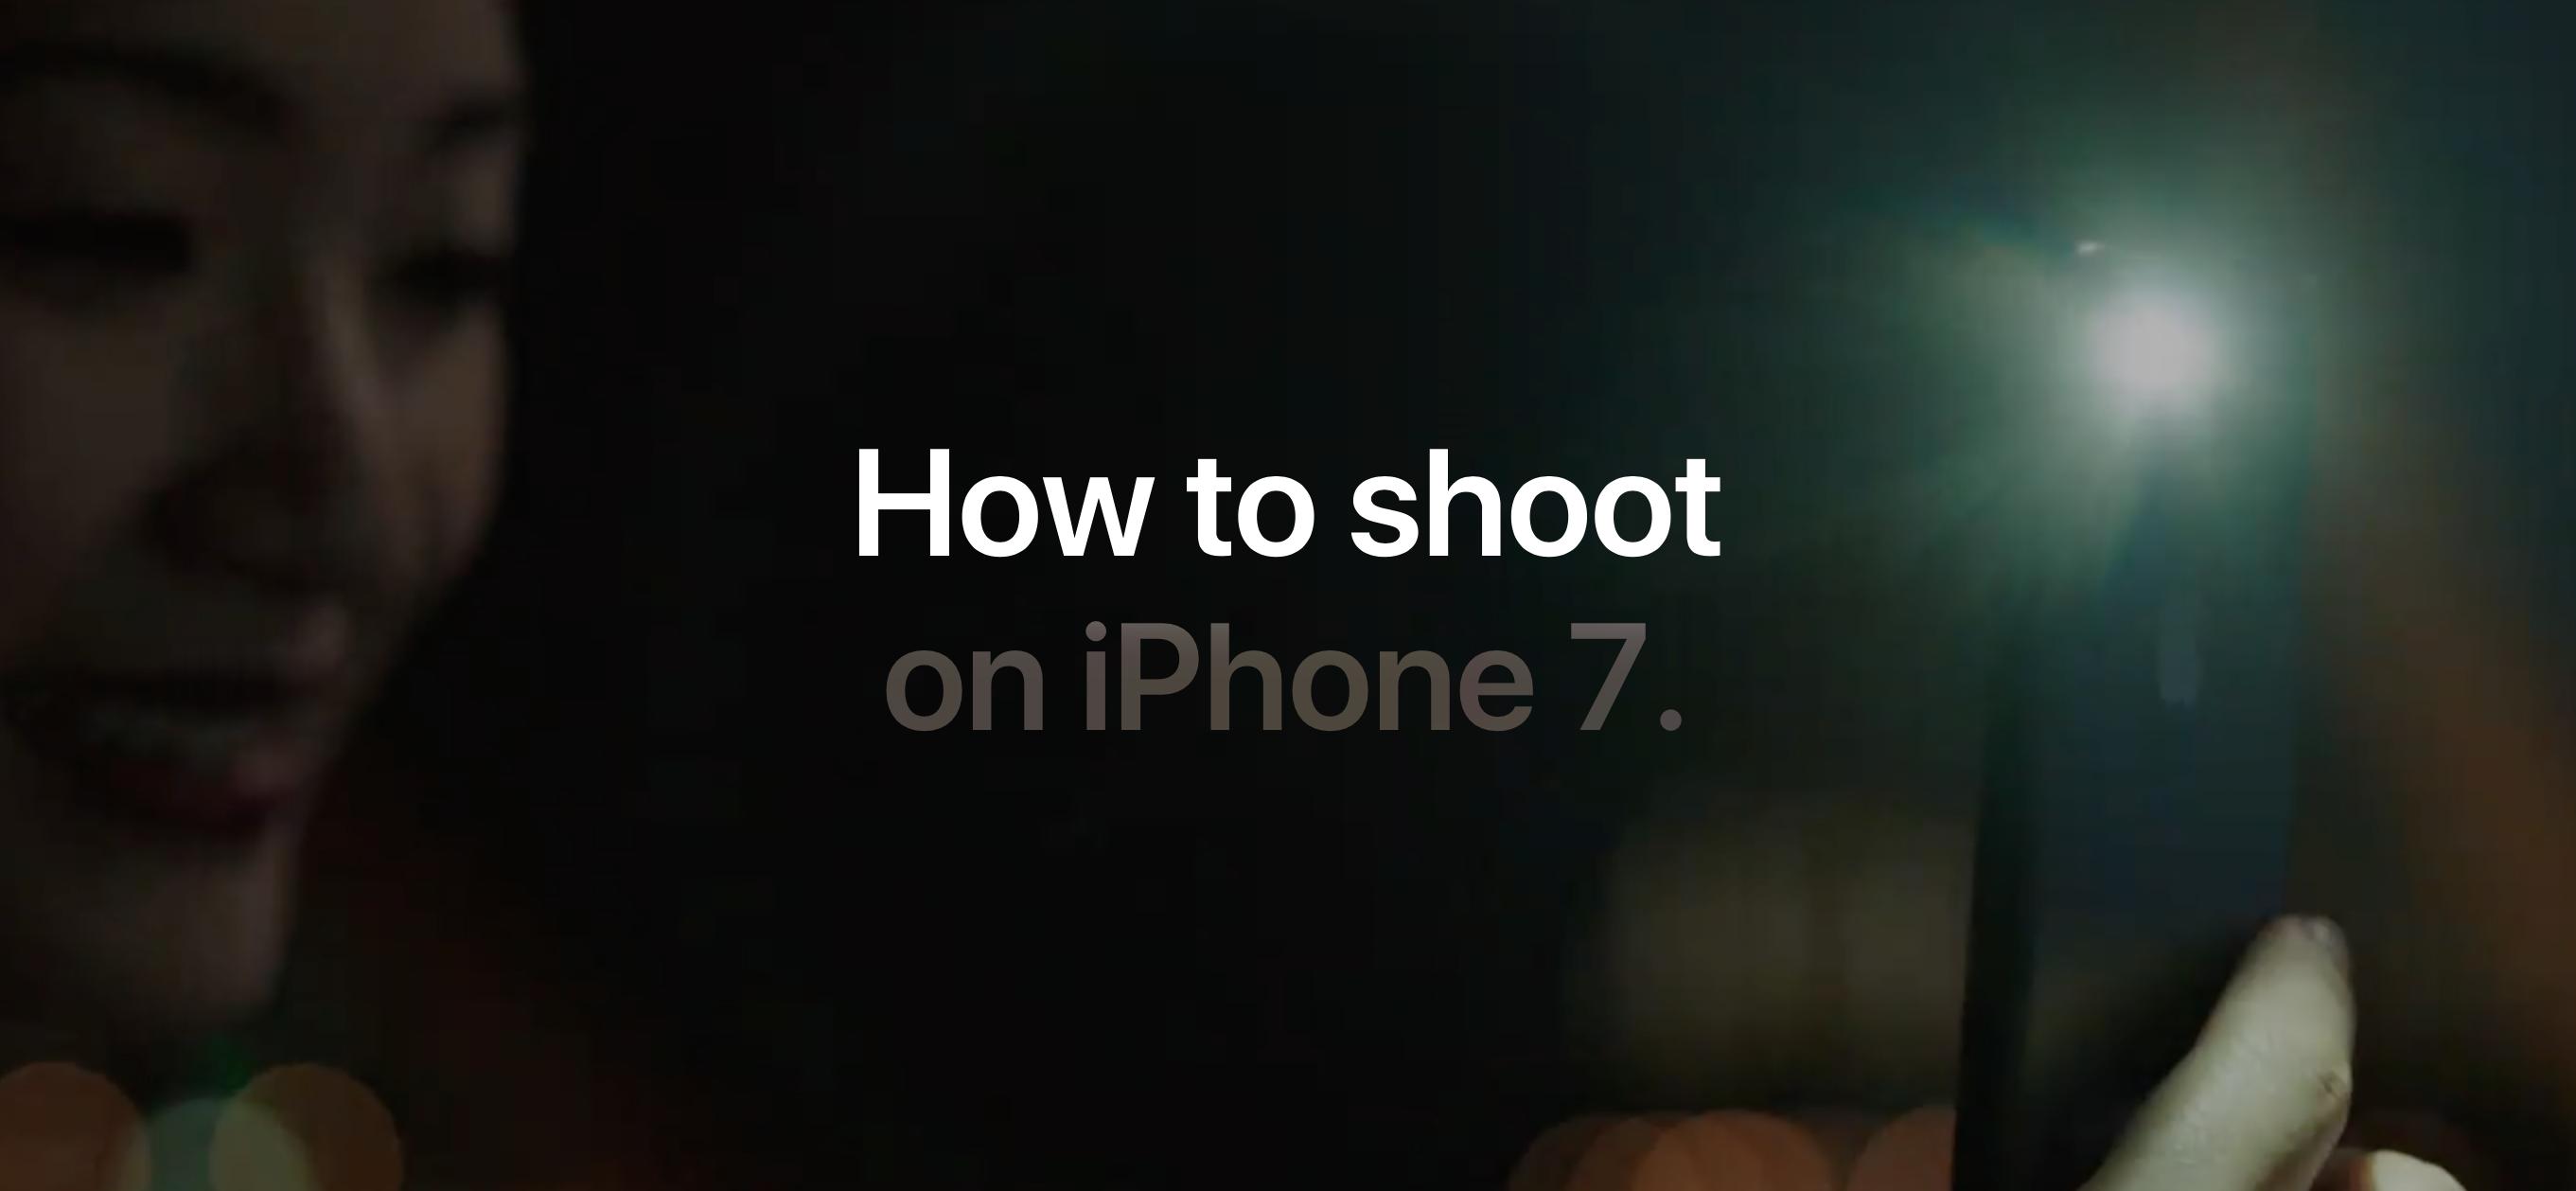 Apple vừa chia sẻ bí kíp để chụp ảnh deep trên iPhone, fan Táo phải đọc ngay - Ảnh 1.